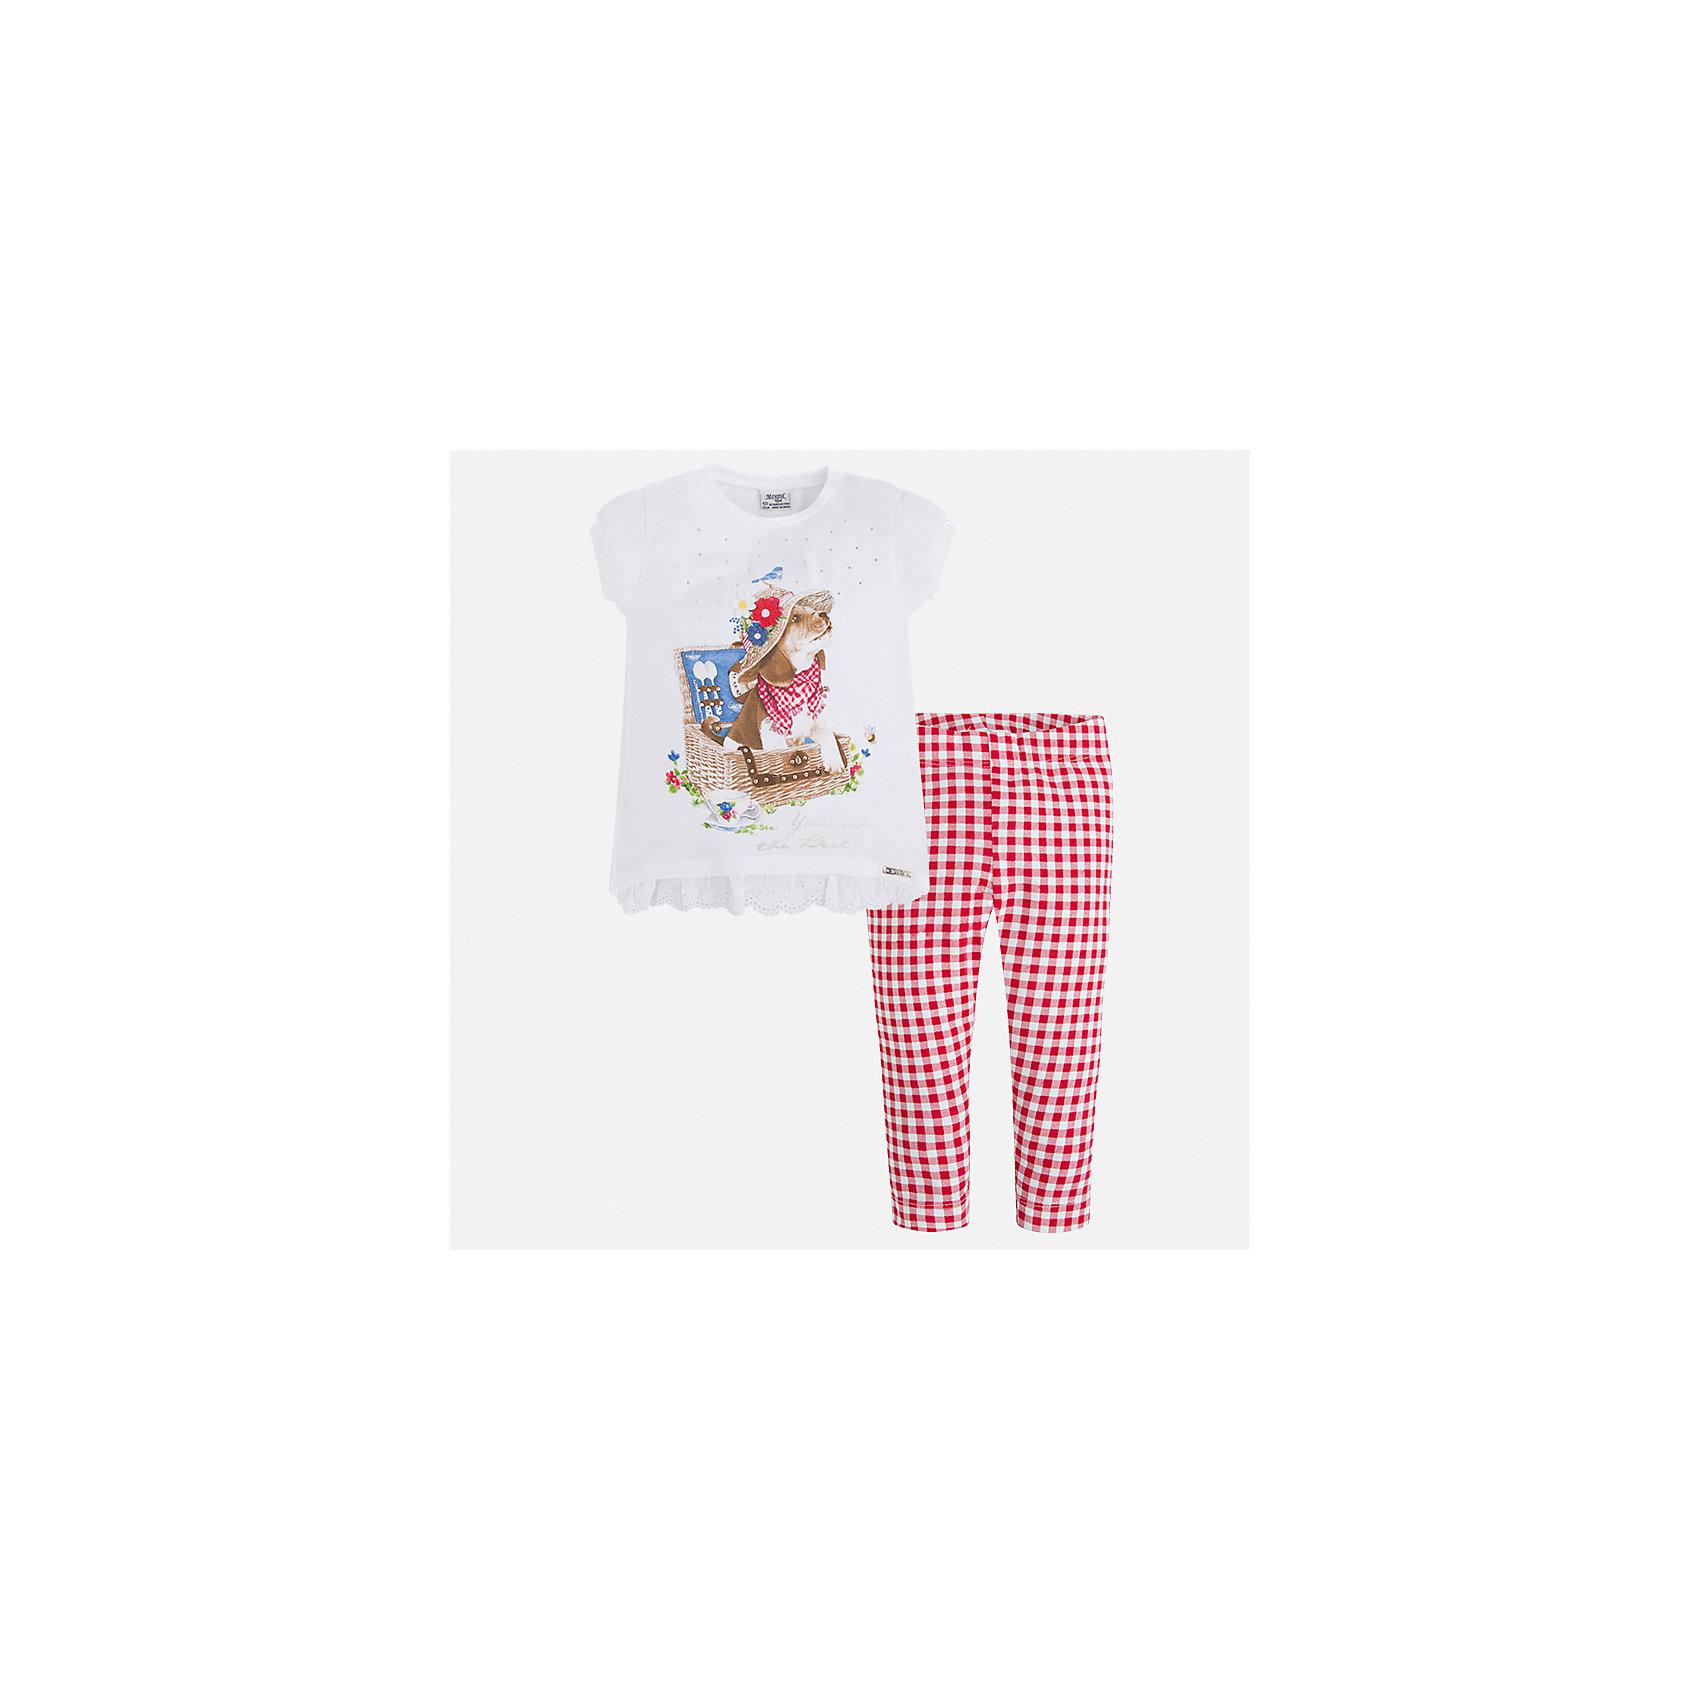 Комплект: футбола с длинным рукавом и леггинсы для девочки MayoralВесенняя капель<br>Характеристики товара:<br><br>• цвет: белый/красный<br>• состав: 95% хлопок, 5% эластан<br>• комплектация: футболка, леггинсы<br>• футболка декорирована принтом<br>• леггинсы однотонные<br>• пояс на резинке<br>• страна бренда: Испания<br><br>Стильный качественный комплект для девочки поможет разнообразить гардероб ребенка и удобно одеться в теплую погоду. Он отлично сочетается с другими предметами. Универсальный цвет позволяет подобрать к вещам верхнюю одежду практически любой расцветки. Интересная отделка модели делает её нарядной и оригинальной. В составе материала - натуральный хлопок, гипоаллергенный, приятный на ощупь, дышащий.<br><br>Одежда, обувь и аксессуары от испанского бренда Mayoral полюбились детям и взрослым по всему миру. Модели этой марки - стильные и удобные. Для их производства используются только безопасные, качественные материалы и фурнитура. Порадуйте ребенка модными и красивыми вещами от Mayoral! <br><br>Комплект для девочки от испанского бренда Mayoral (Майорал) можно купить в нашем интернет-магазине.<br><br>Ширина мм: 123<br>Глубина мм: 10<br>Высота мм: 149<br>Вес г: 209<br>Цвет: красный<br>Возраст от месяцев: 18<br>Возраст до месяцев: 24<br>Пол: Женский<br>Возраст: Детский<br>Размер: 92,98,104,110,116,122,128,134<br>SKU: 5290640